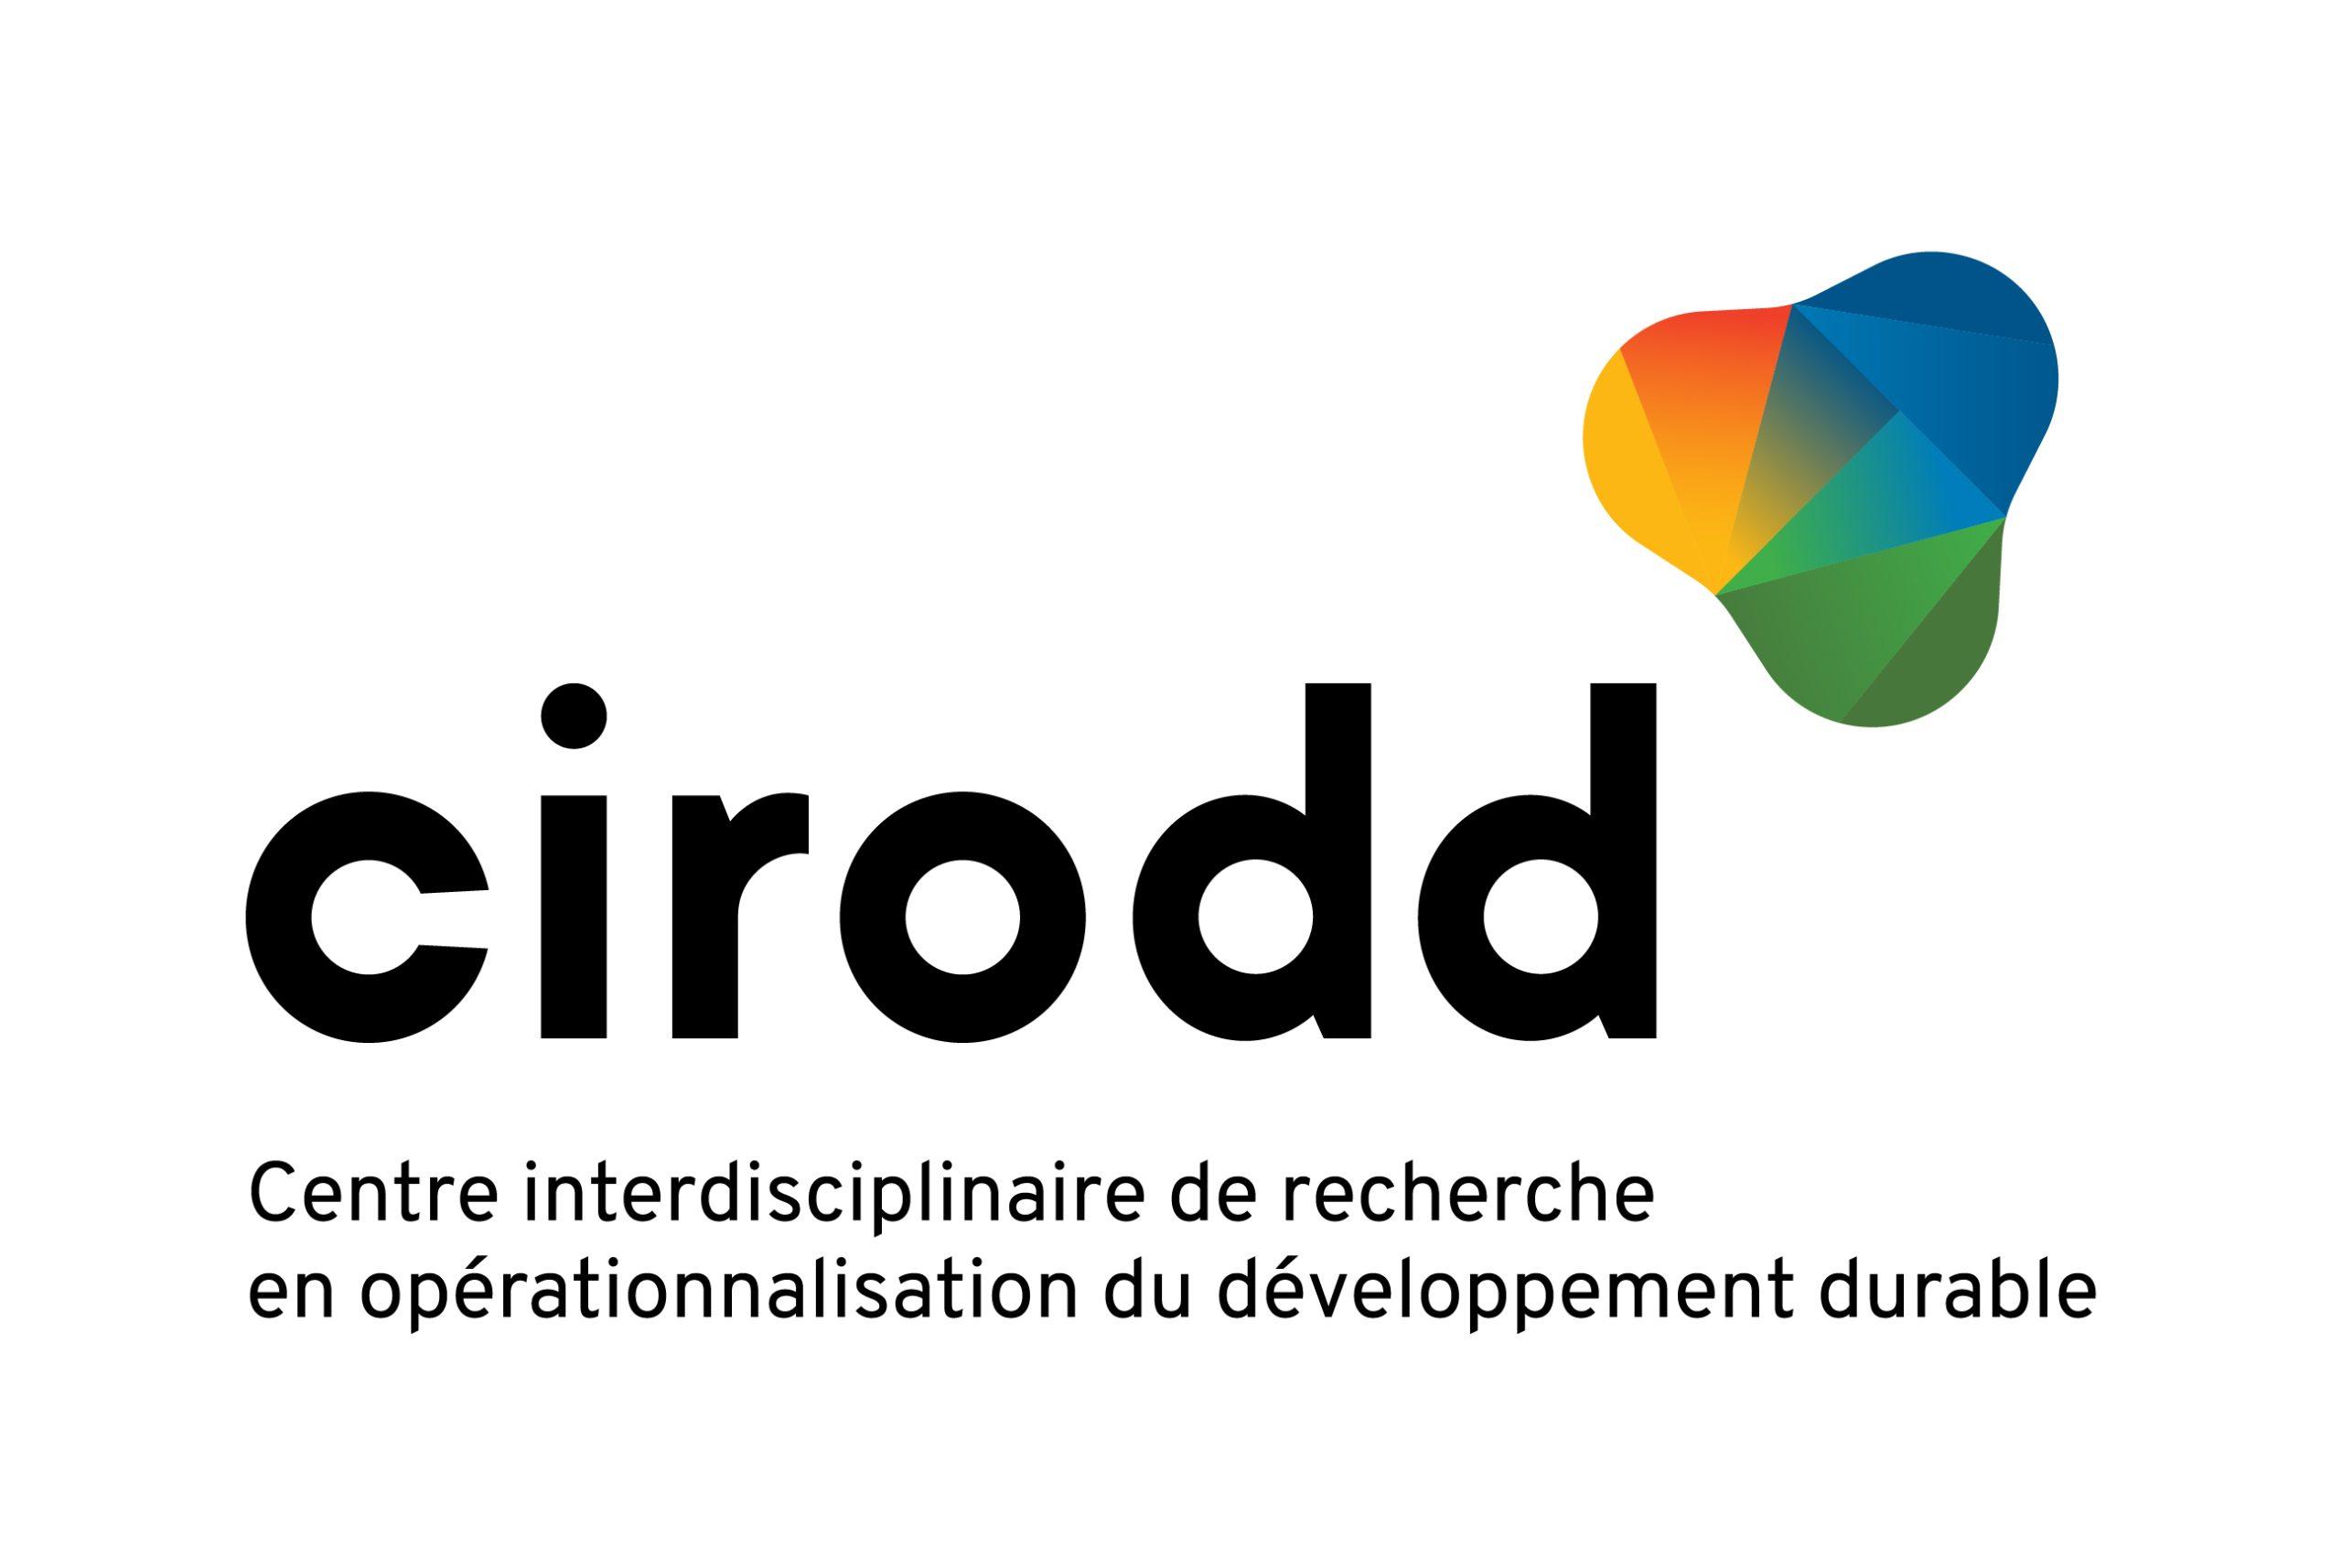 Changement dans l'équipe de mise en oeuvre du CIRODD